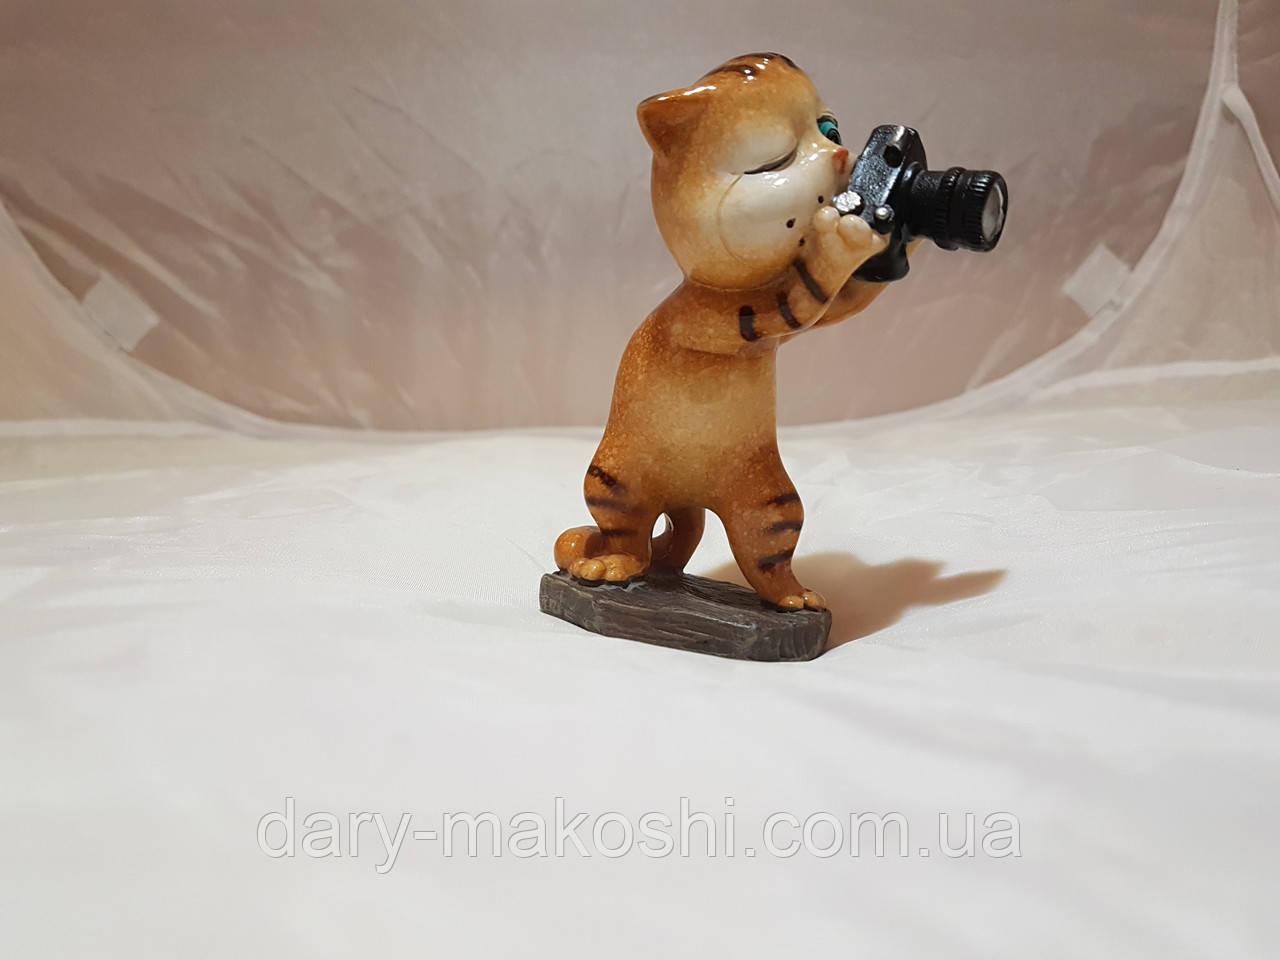 Кот - фотограф